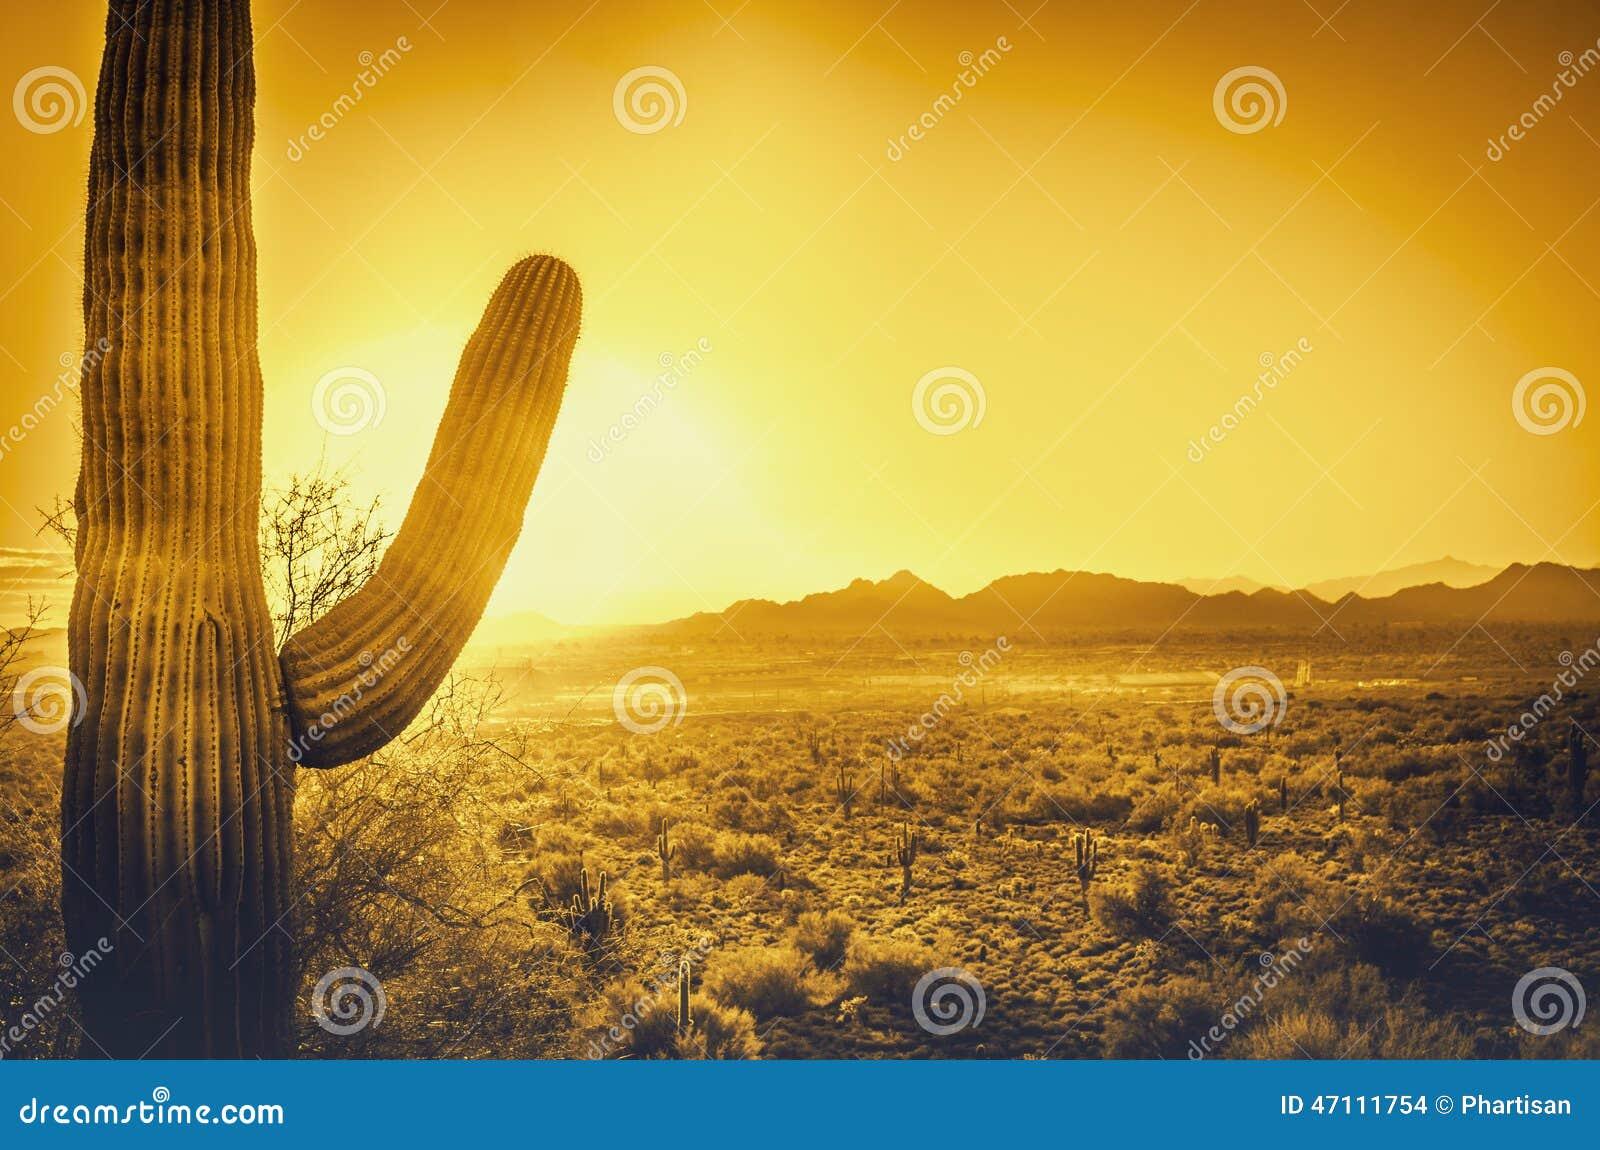 Beautiful Arizona desert sunset